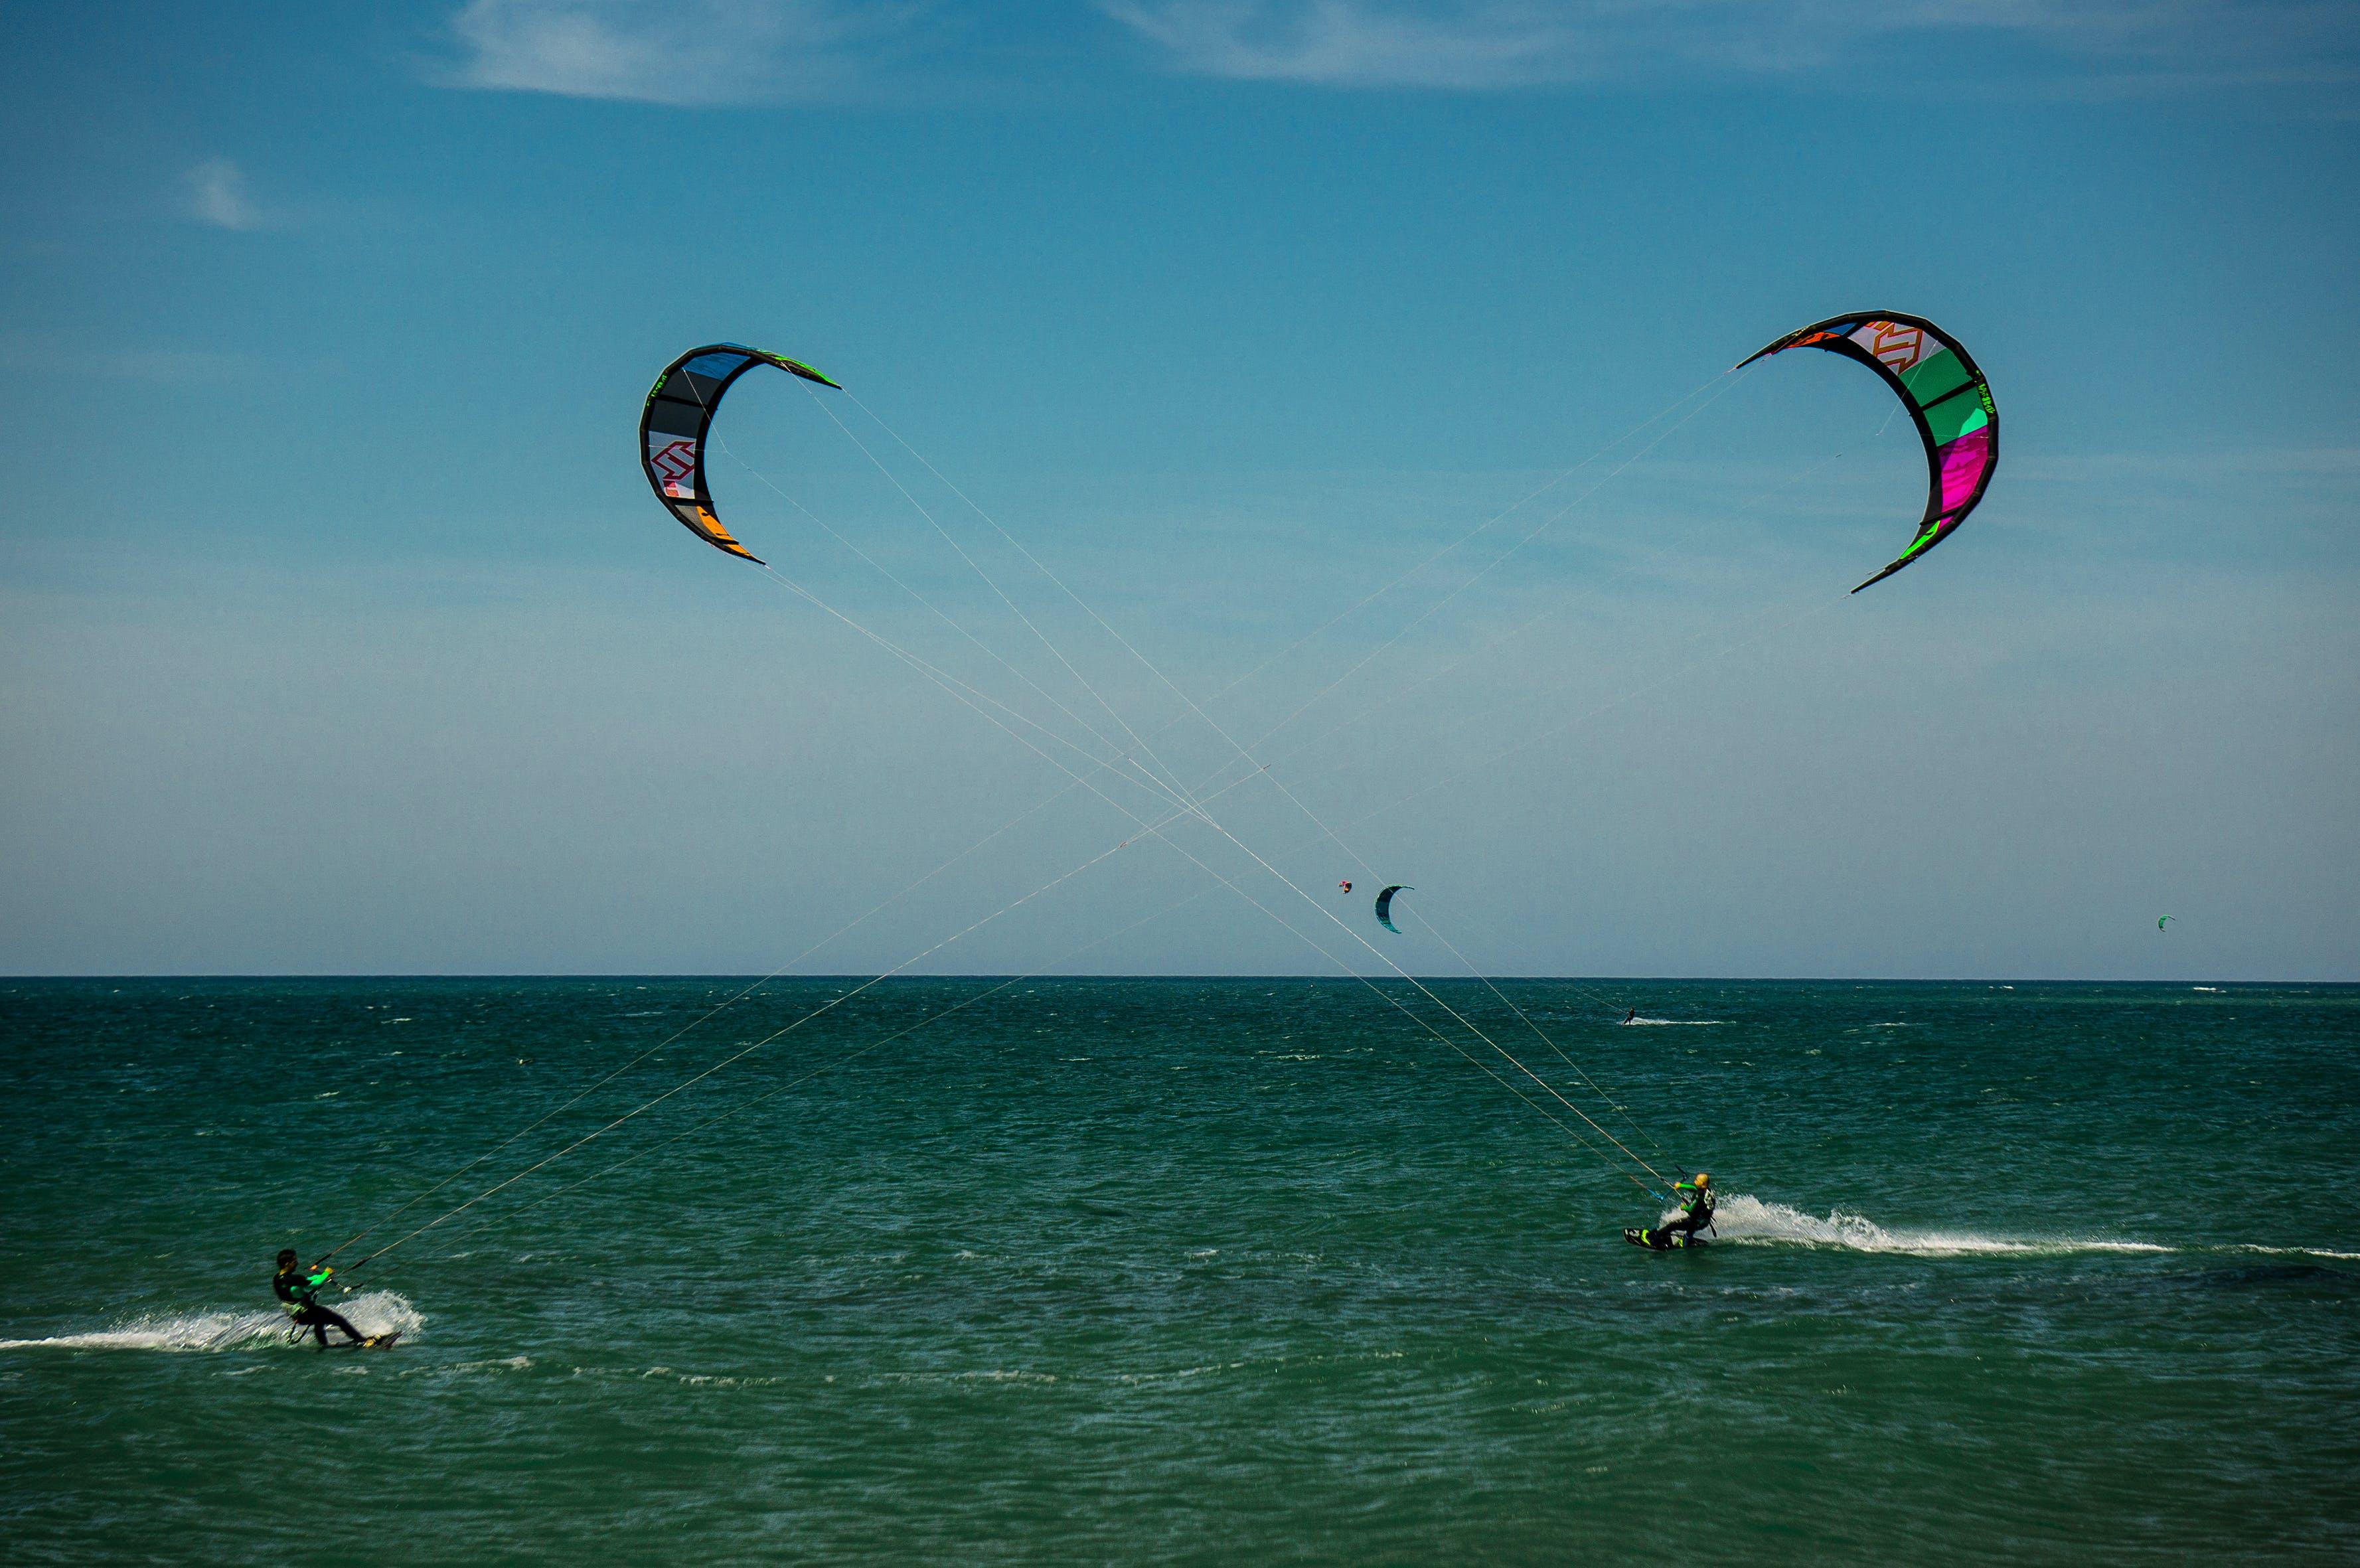 Δωρεάν στοκ φωτογραφιών με αιολική ενέργεια, άνεμος, γαλάζιος, γαλάζιος ουρανός